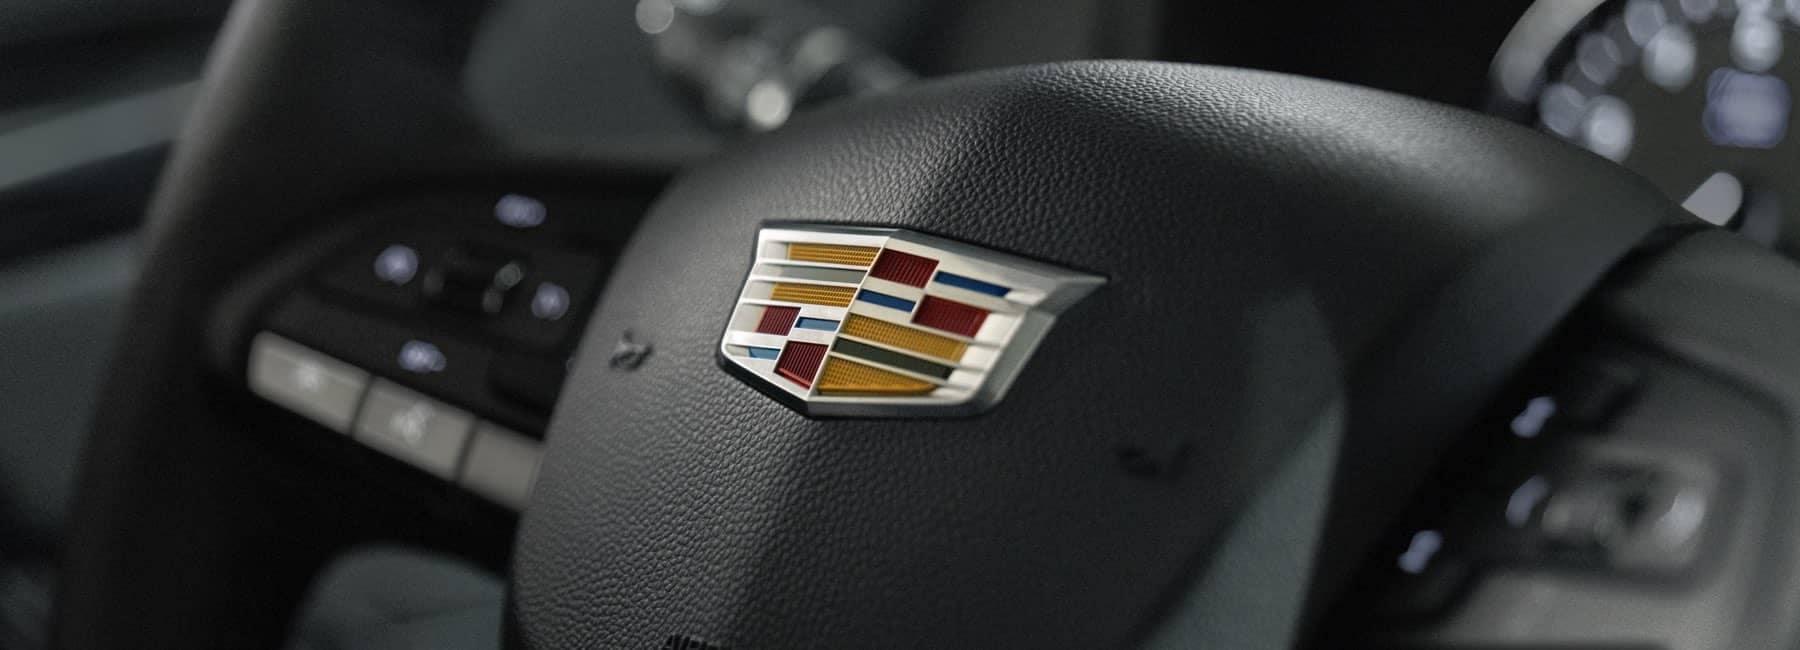 Cadillac Hub cap showing the Cadillac logo